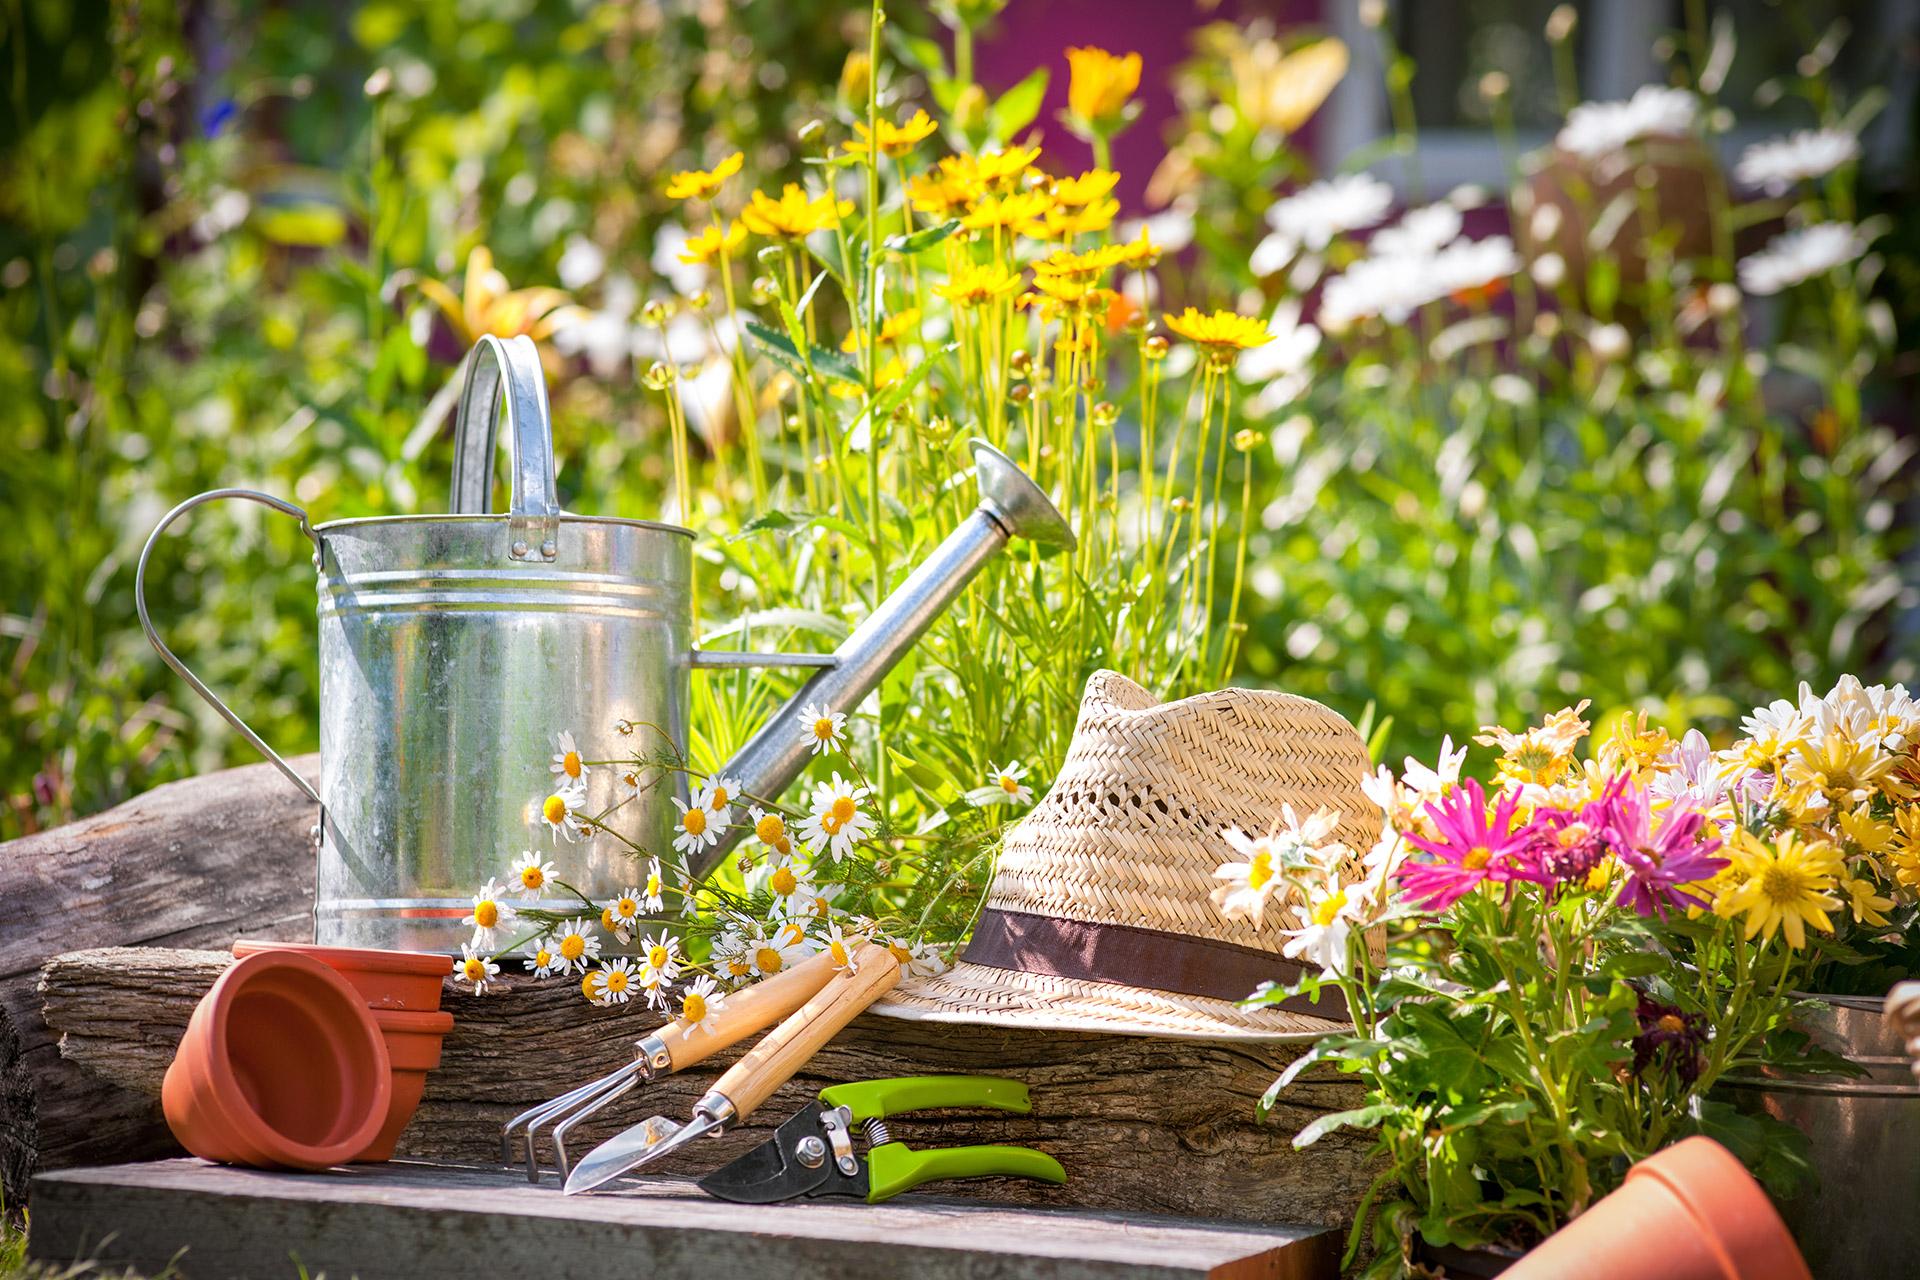 L'hortithérapie, un outil de réinsertion sociale.